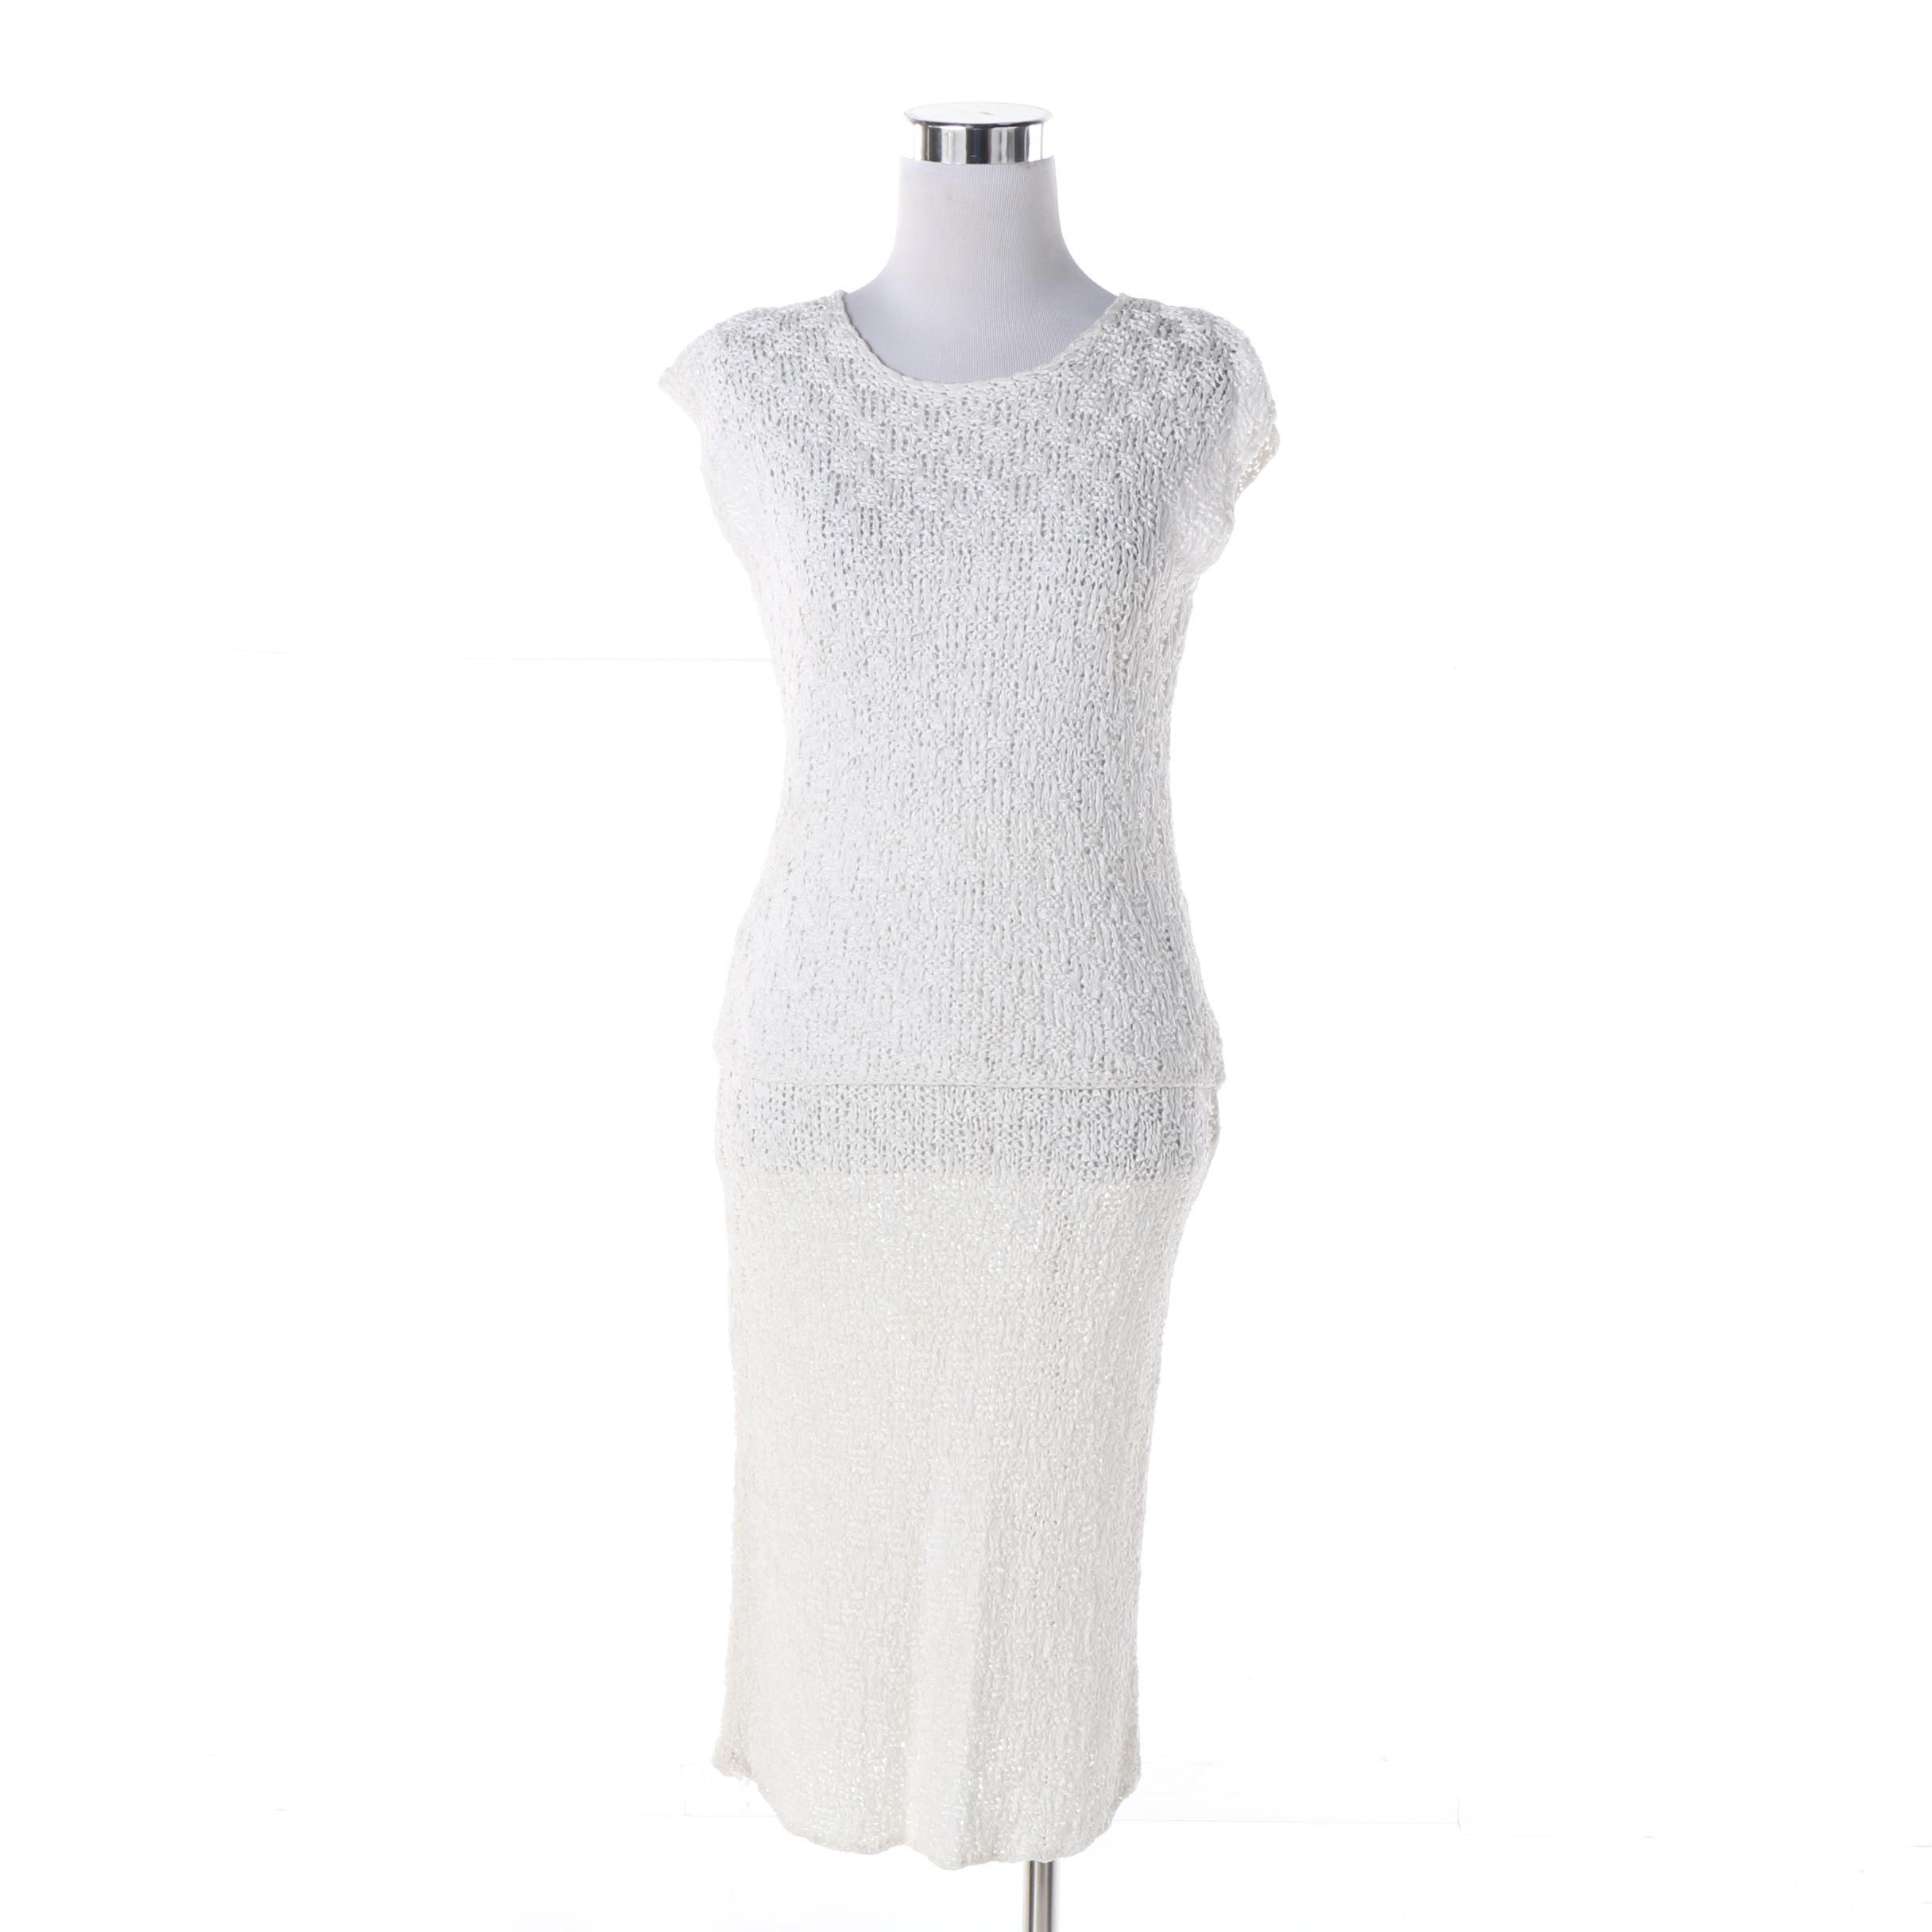 Women's 1960s Vintage White Silk Ribbon Crochet Top and Skirt Set